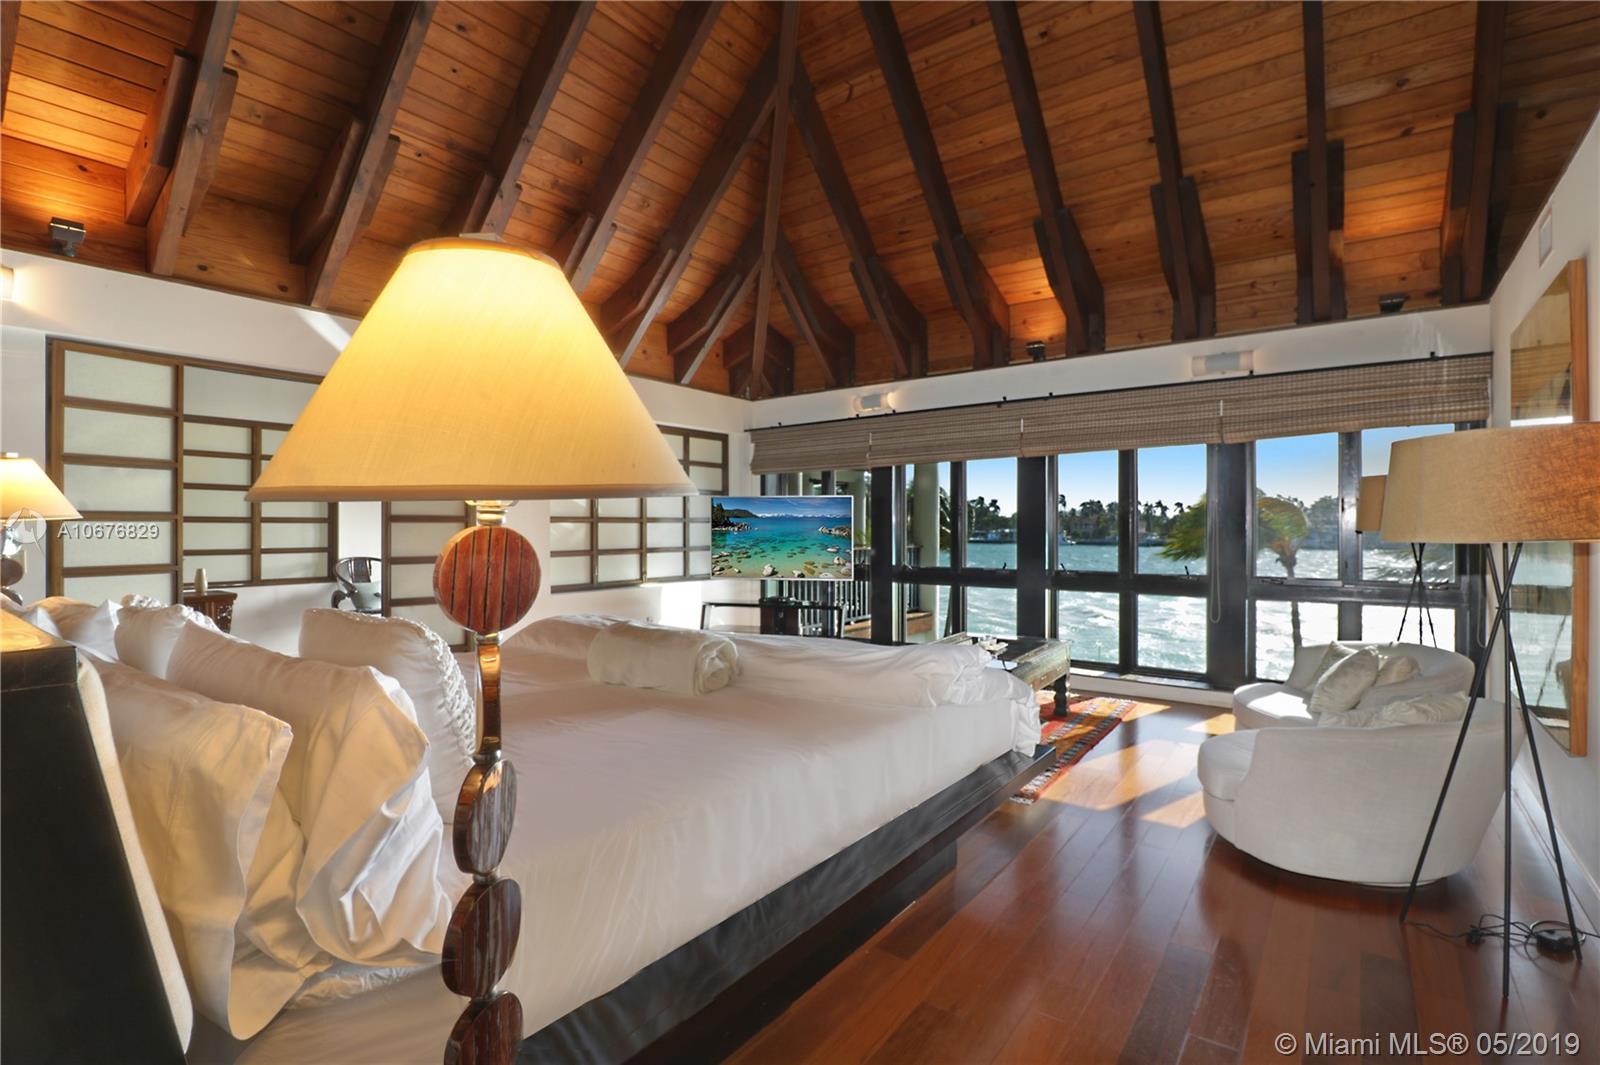 14 San marino dr- miami-beach-fl-33139-a10676829-Pic18